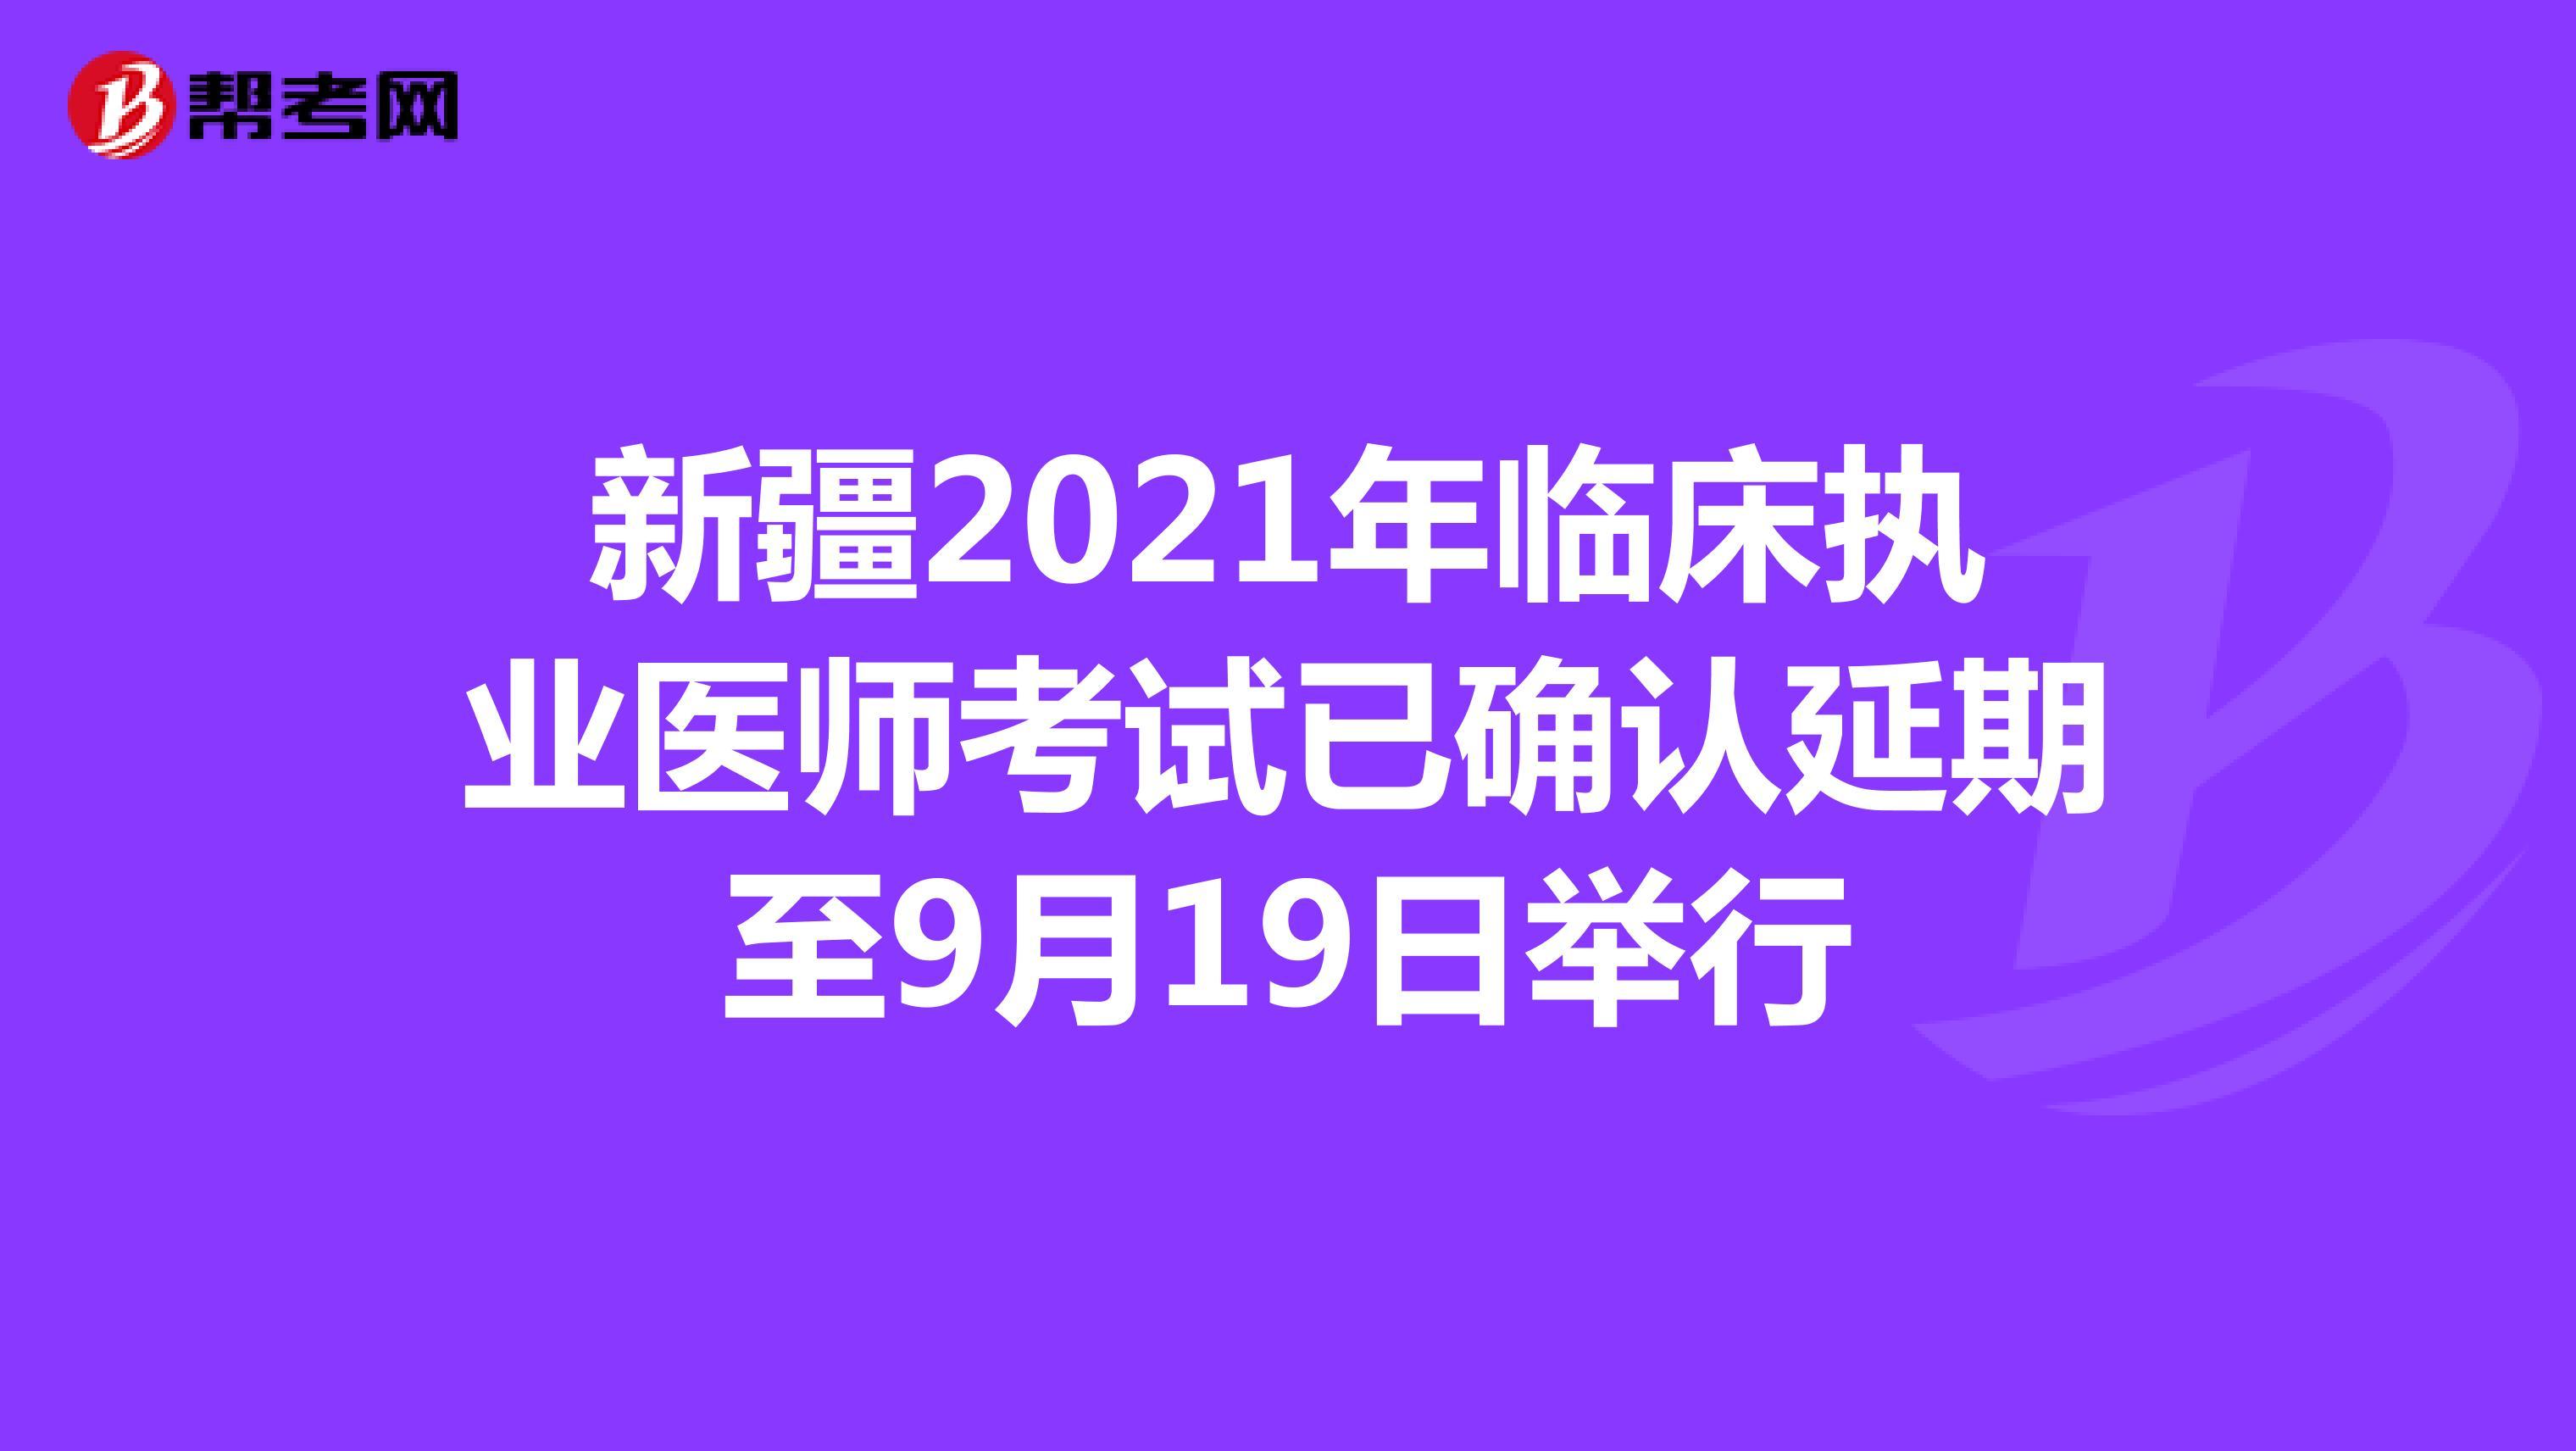 新疆2021年临床执业医师考试已确认延期至9月19日举行